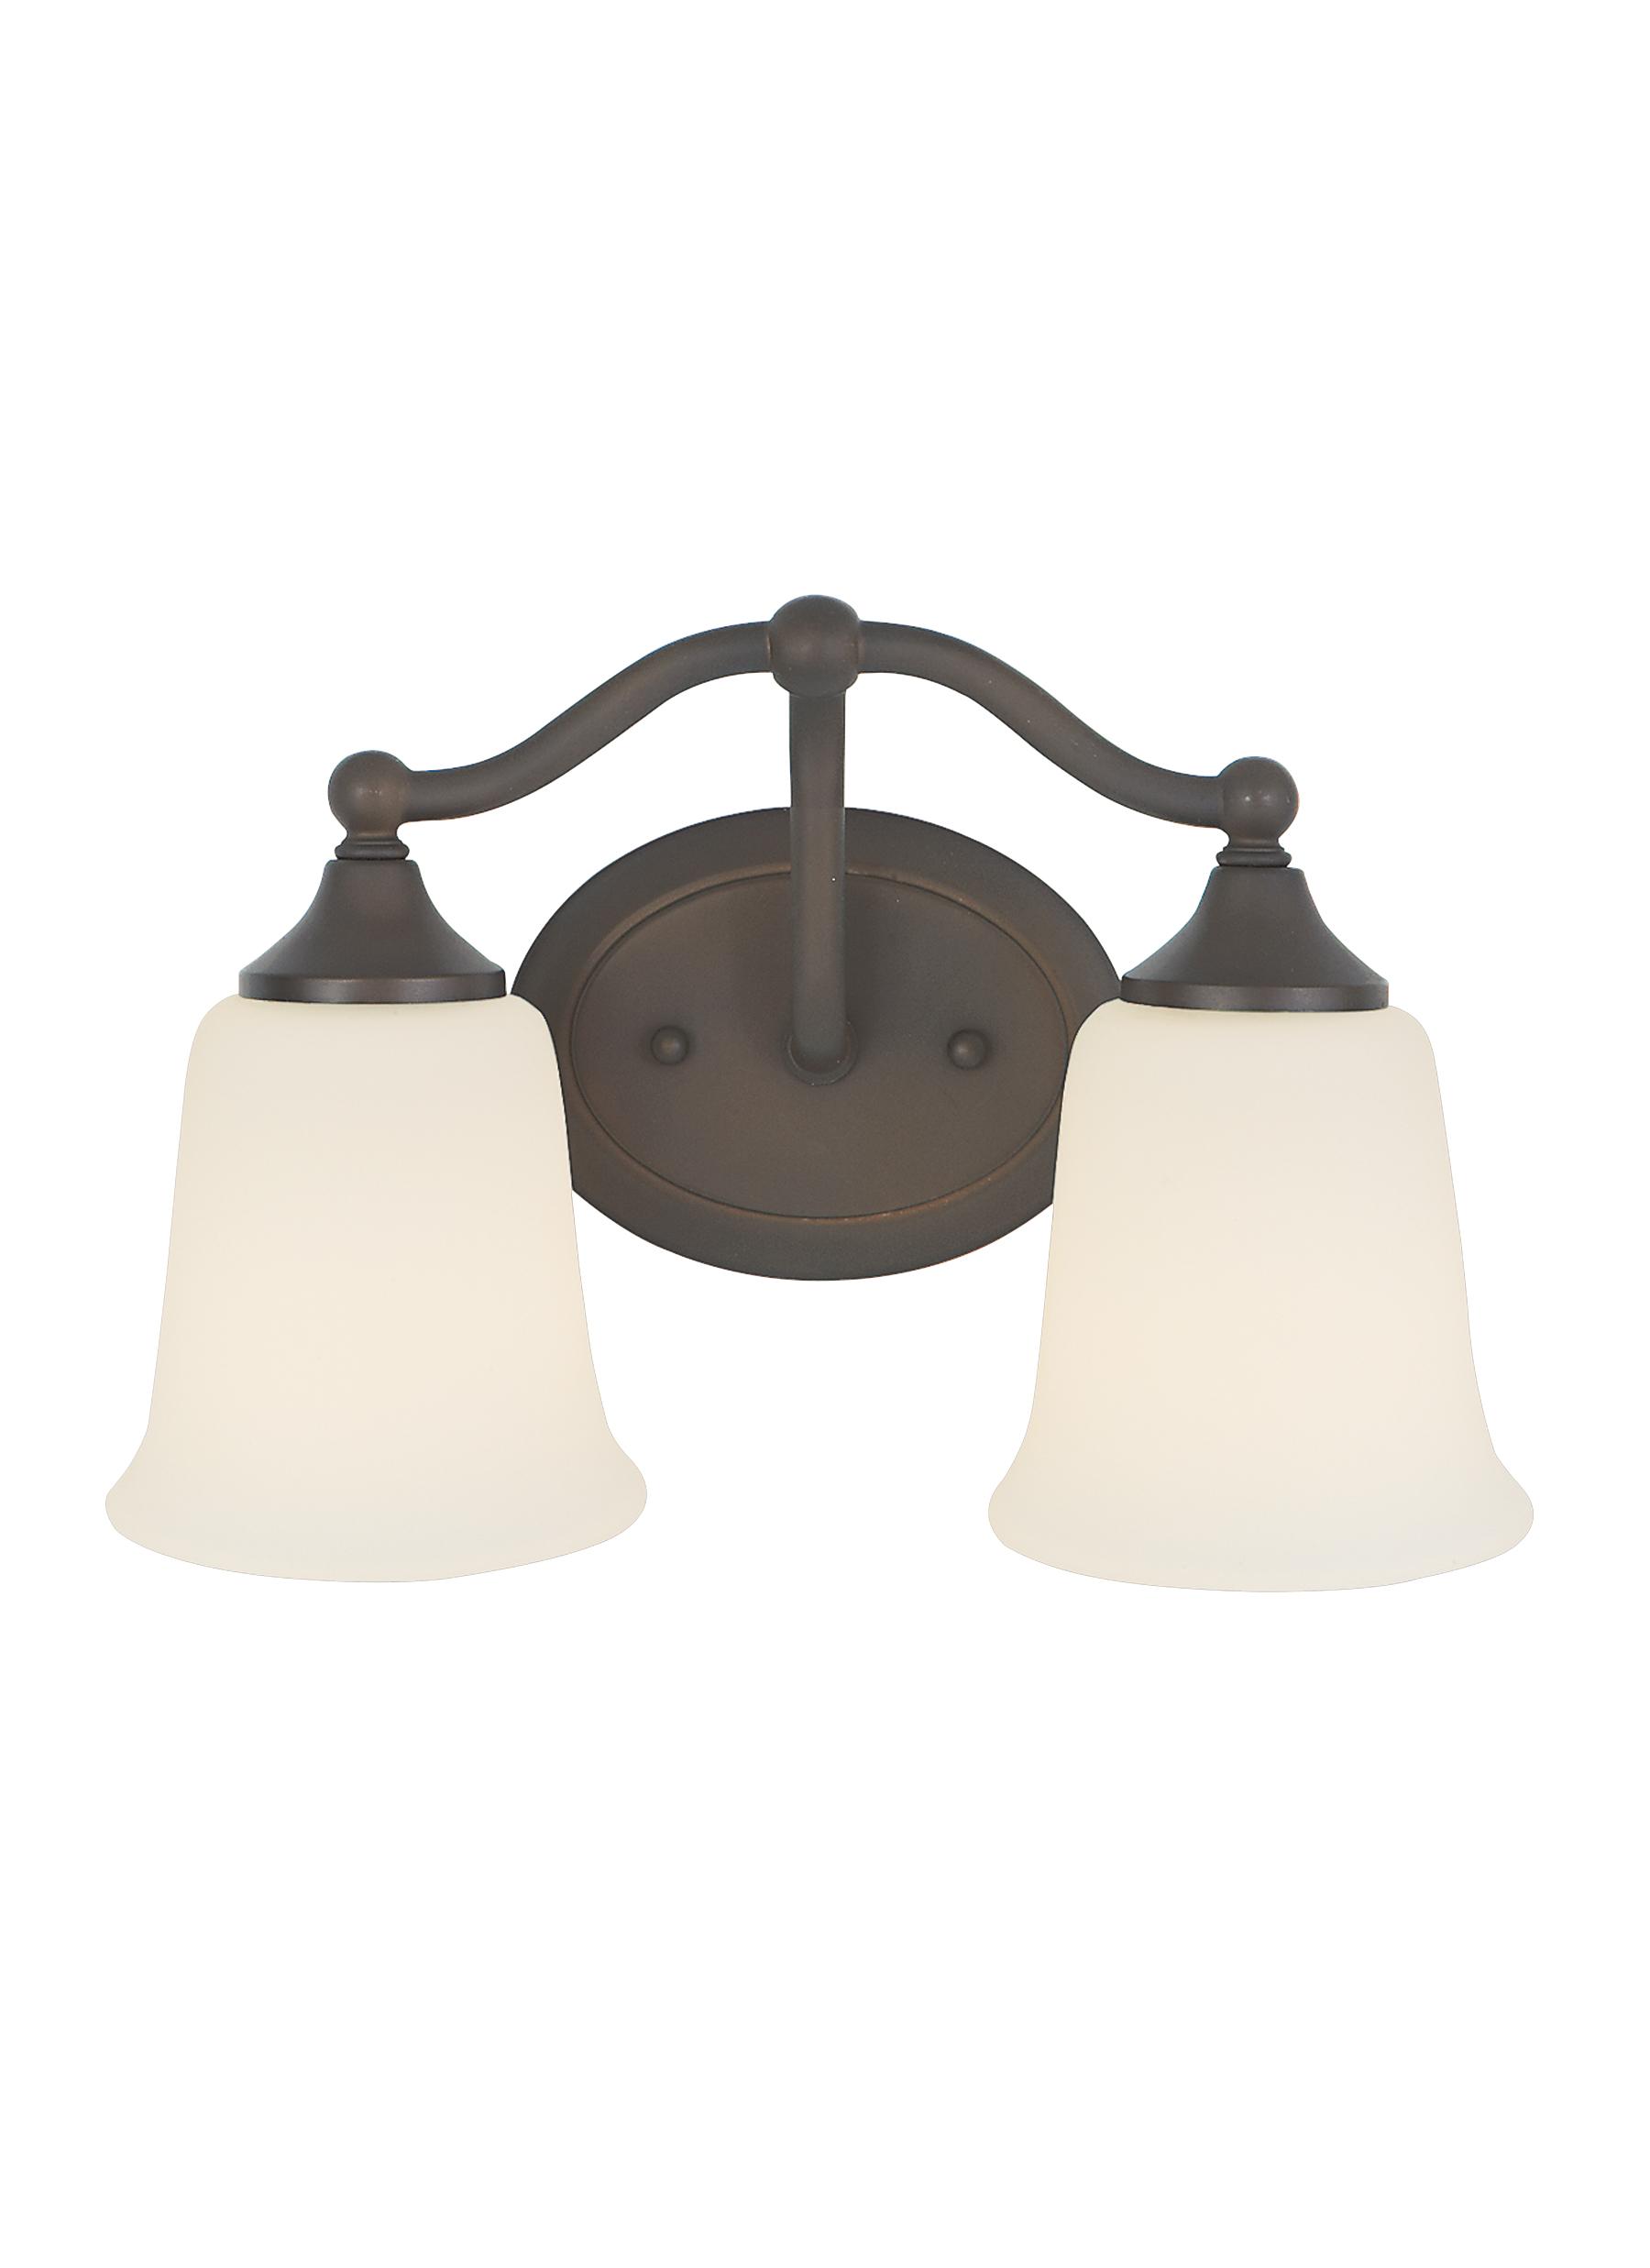 VS10502-ORB,2 - Light Vanity Fixture,Oil Rubbed Bronze